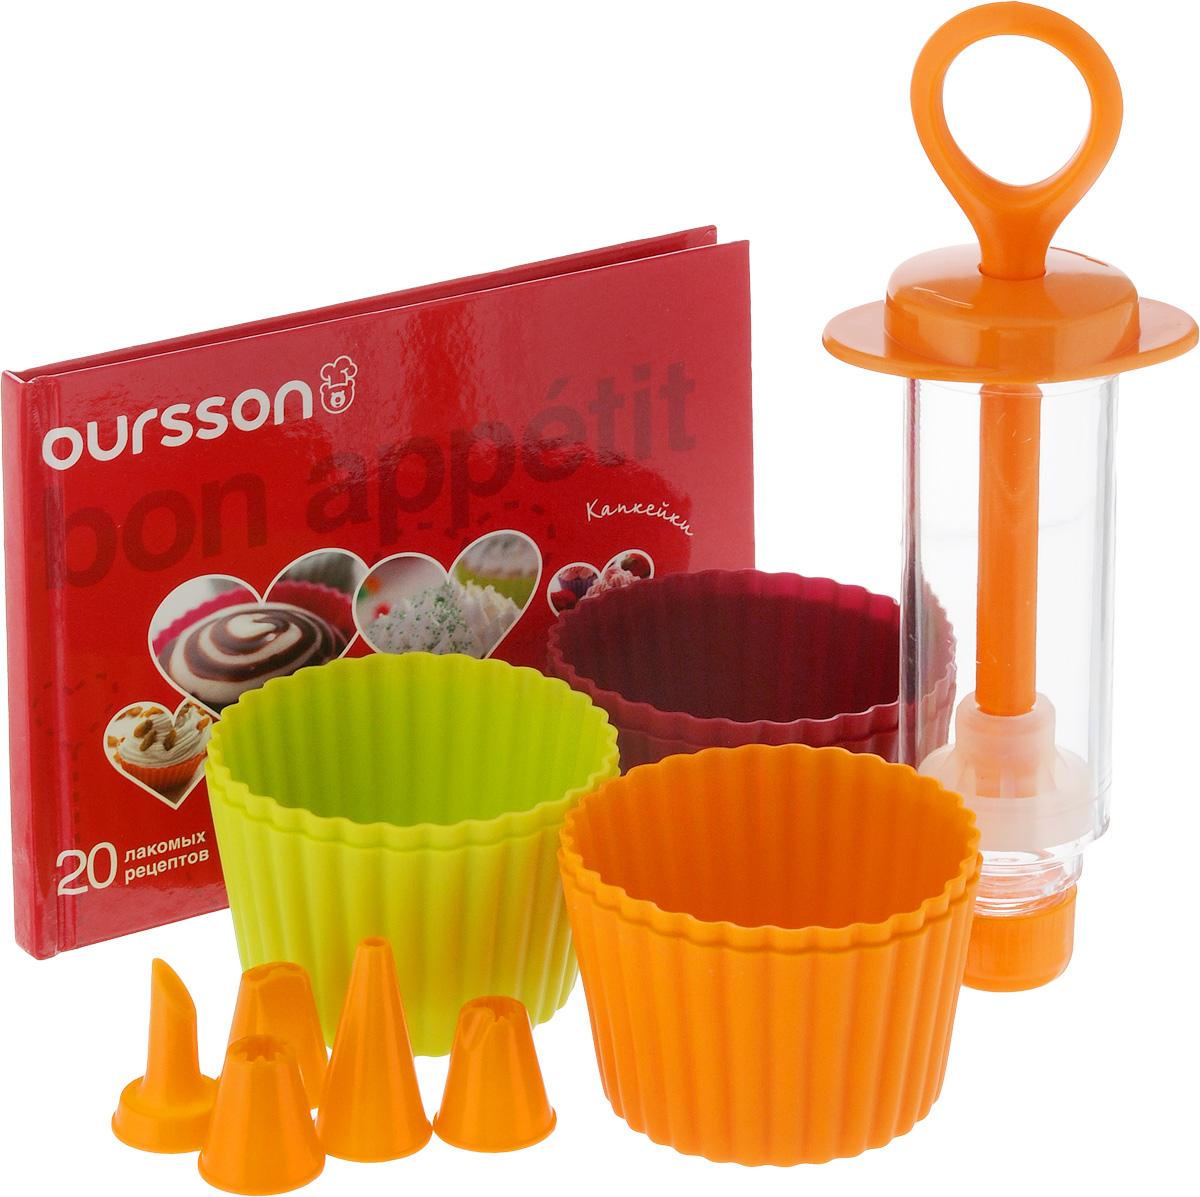 Набор для выпечки Oursson Bon Appetit, 13 предметовBW2556SS/MCЕсли вы любите побаловать своих домашних вкусной и ароматной выпечкой по вашему оригинальному рецепту, то набор для выпечки Oursson Bon Appetit как раз то, что вам нужно! Набор идеально подходит для приготовления сладкой с соленой выпечки. Набор состоит из 6 силиконовых форм для выпечки, кондитерского шприца с 5 насадками и книги рецептов.Формочки выполнены из силикона. Силикон устойчив к перепадам температуры от -40°C до +230°C, практичен при хранении за счет гибкости. Такие формы позволяют быстро и легко извлекать приготовленные изделия.Кондитерский шприц и насадки изготовлены из пластика. С помощью данного изделия вы сможете украсить свои десерты на ваш вкус.В комплект входит книга, в которой предоставлены 20 рецептов капкейков. Капкейк - американское название кекса. Пирожное небольшого размера, предназначенное для употребления в пищу одним человеком, запеченное в тонкой бумаге или алюминиевой форме для выпечки.Предметы набора можно мыть в посудомоечной машине, использовать в микроволновой печи, духовом шкафу и морозильной камере.Размер формы для кекса: 6,5 х 6,5 х 4 см. Размеры кондитерского шприца (в сложенном состоянии): 17 х 6 х 4 см.